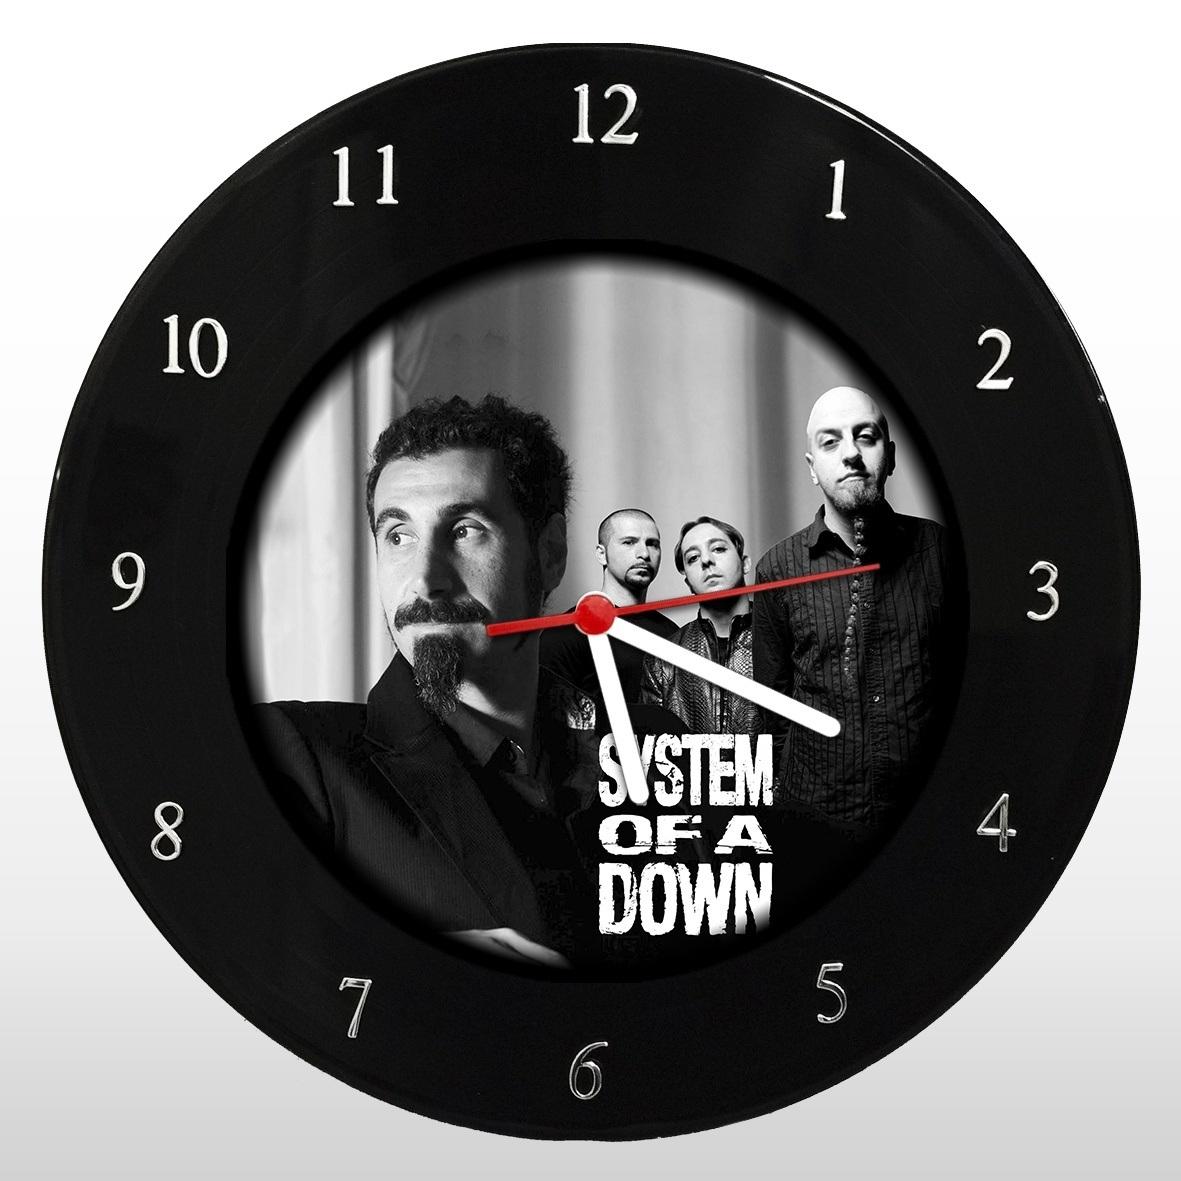 System Of A Down - Relógio de Parede em Disco de Vinil - Mr. Rock